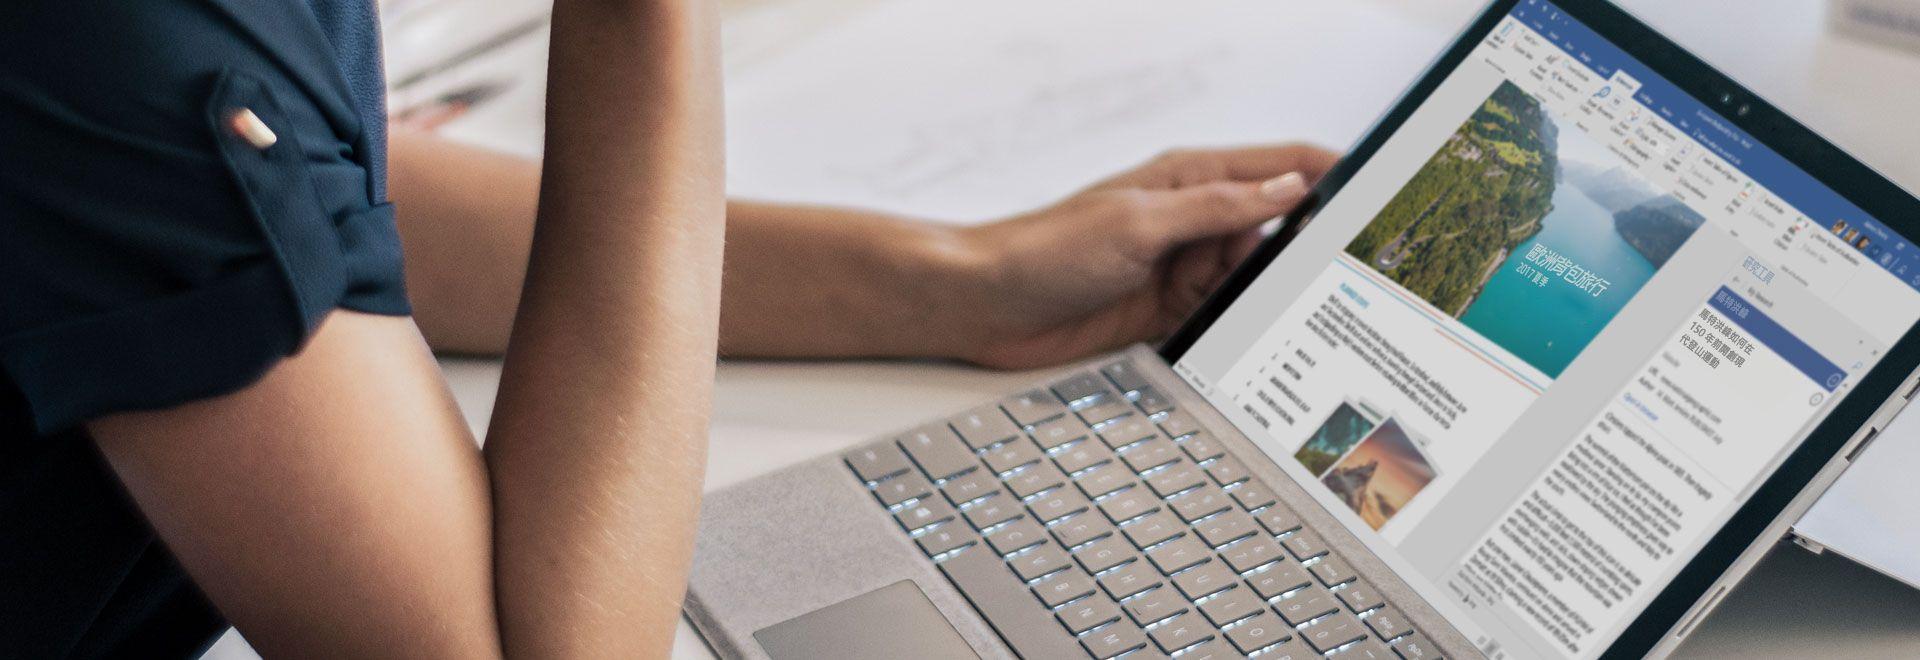 顯示有關歐洲背包旅行的 Word 文件並開啟 Word 研究工具的 Microsoft Surface 平板電腦